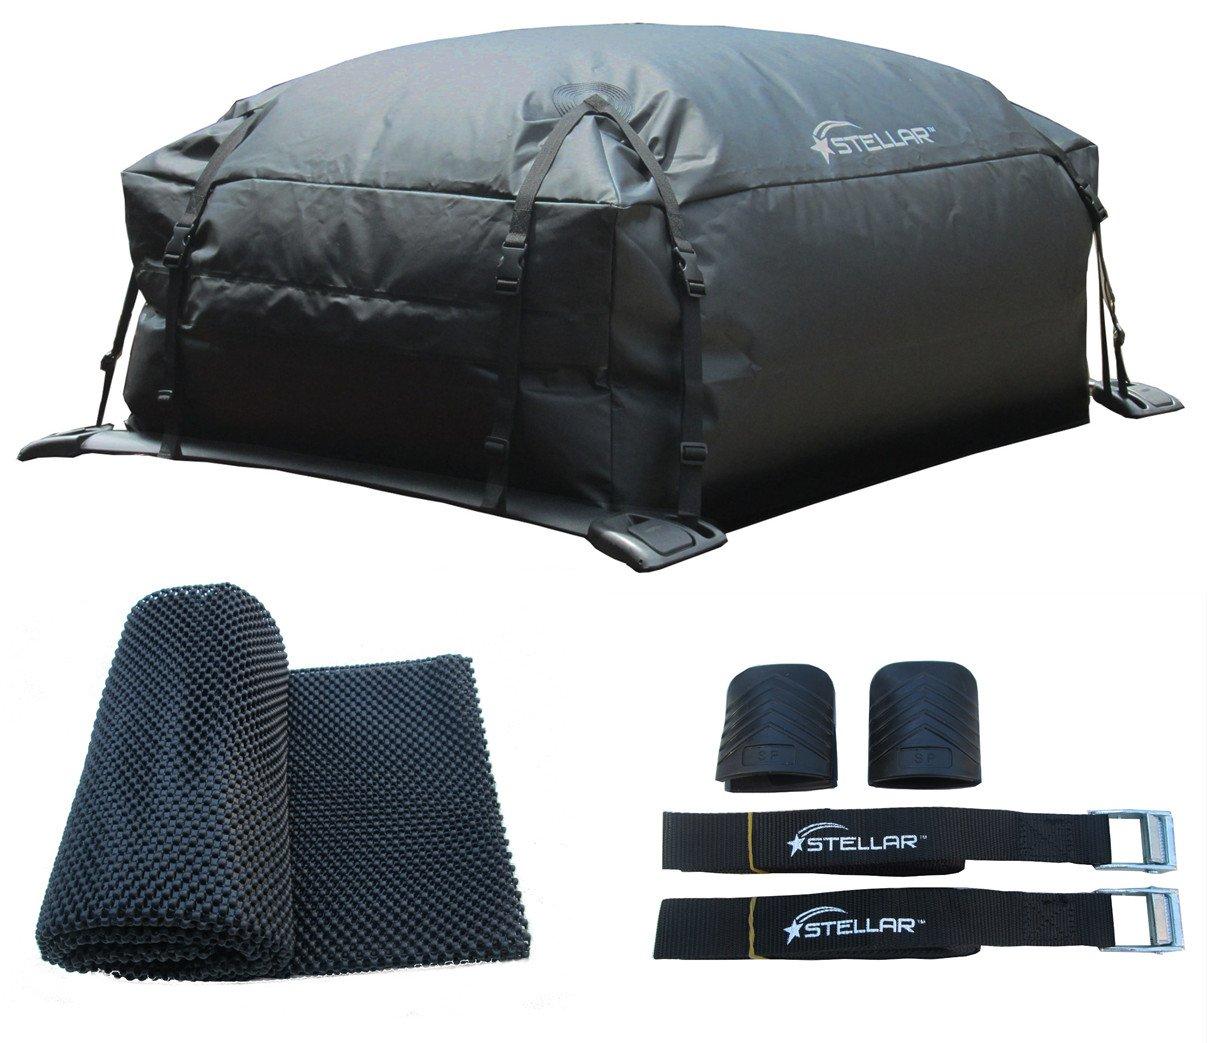 STELLAR 10203-309 Waterproof Roof Top Cargo bag- Mat- Lashing straps combo